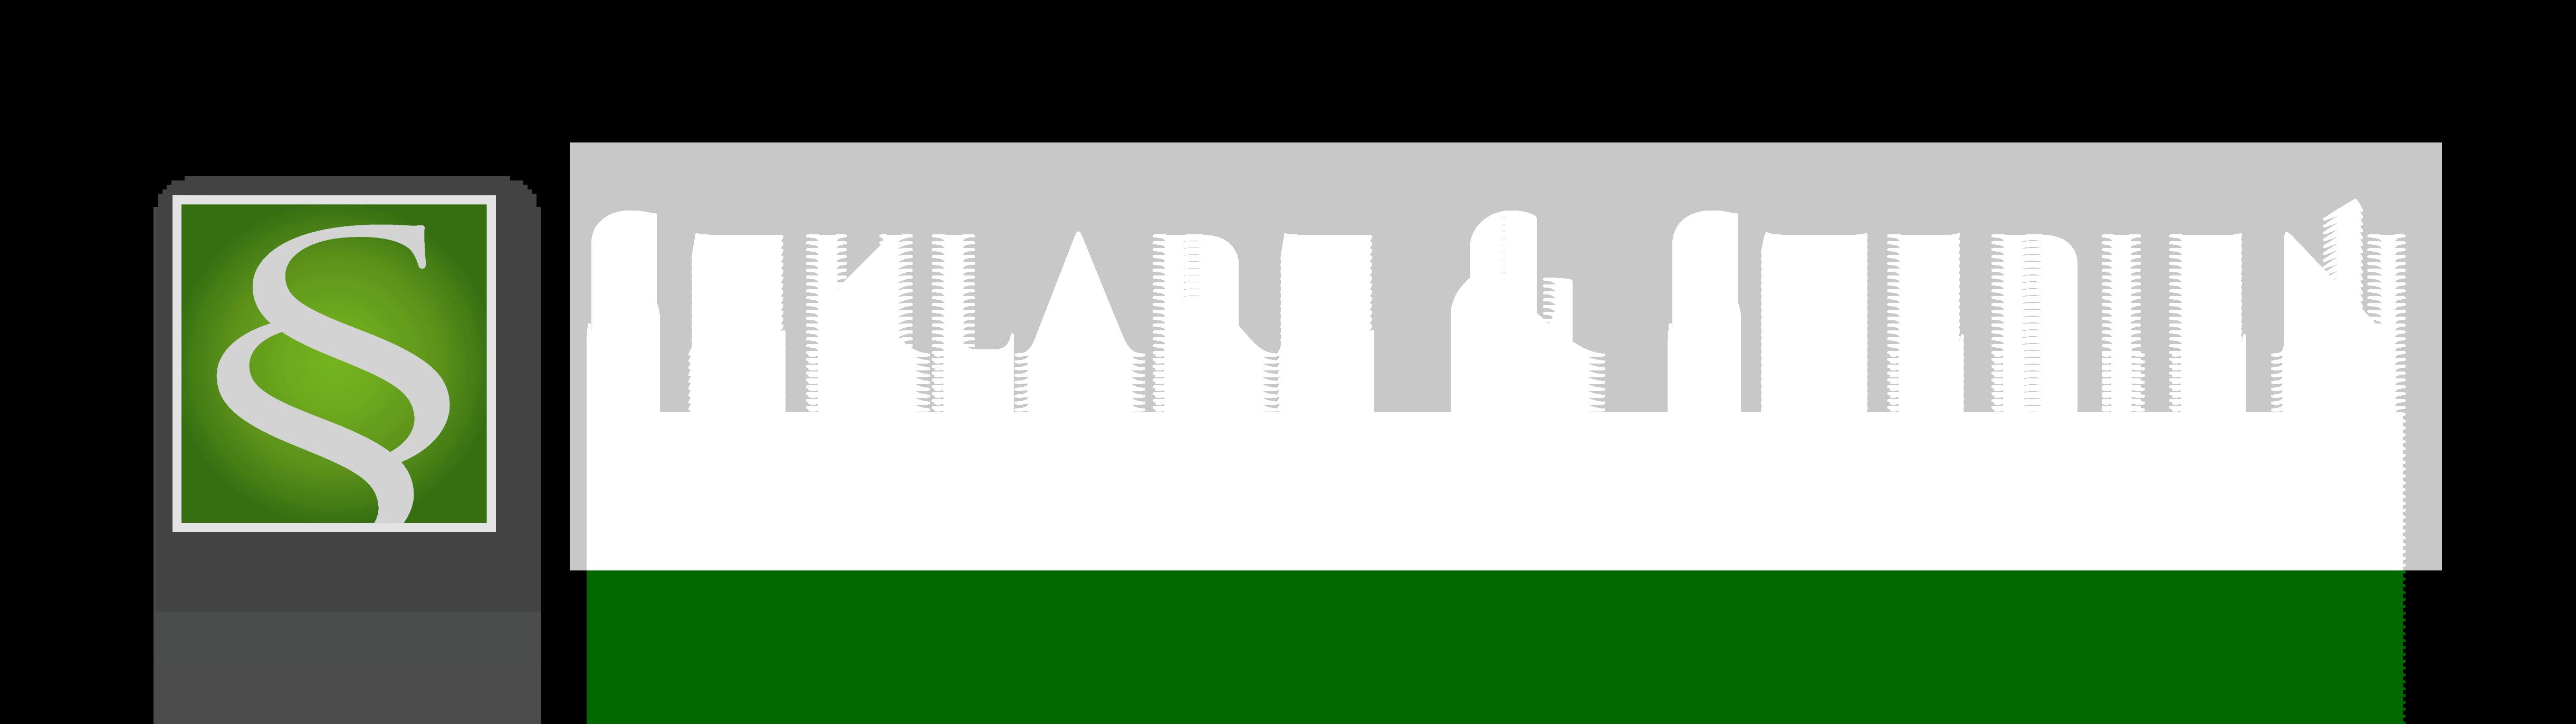 Adwokaci Marzena Szklarz-Stępień i Jan Stępień – Kancelaria w Tarnobrzegu